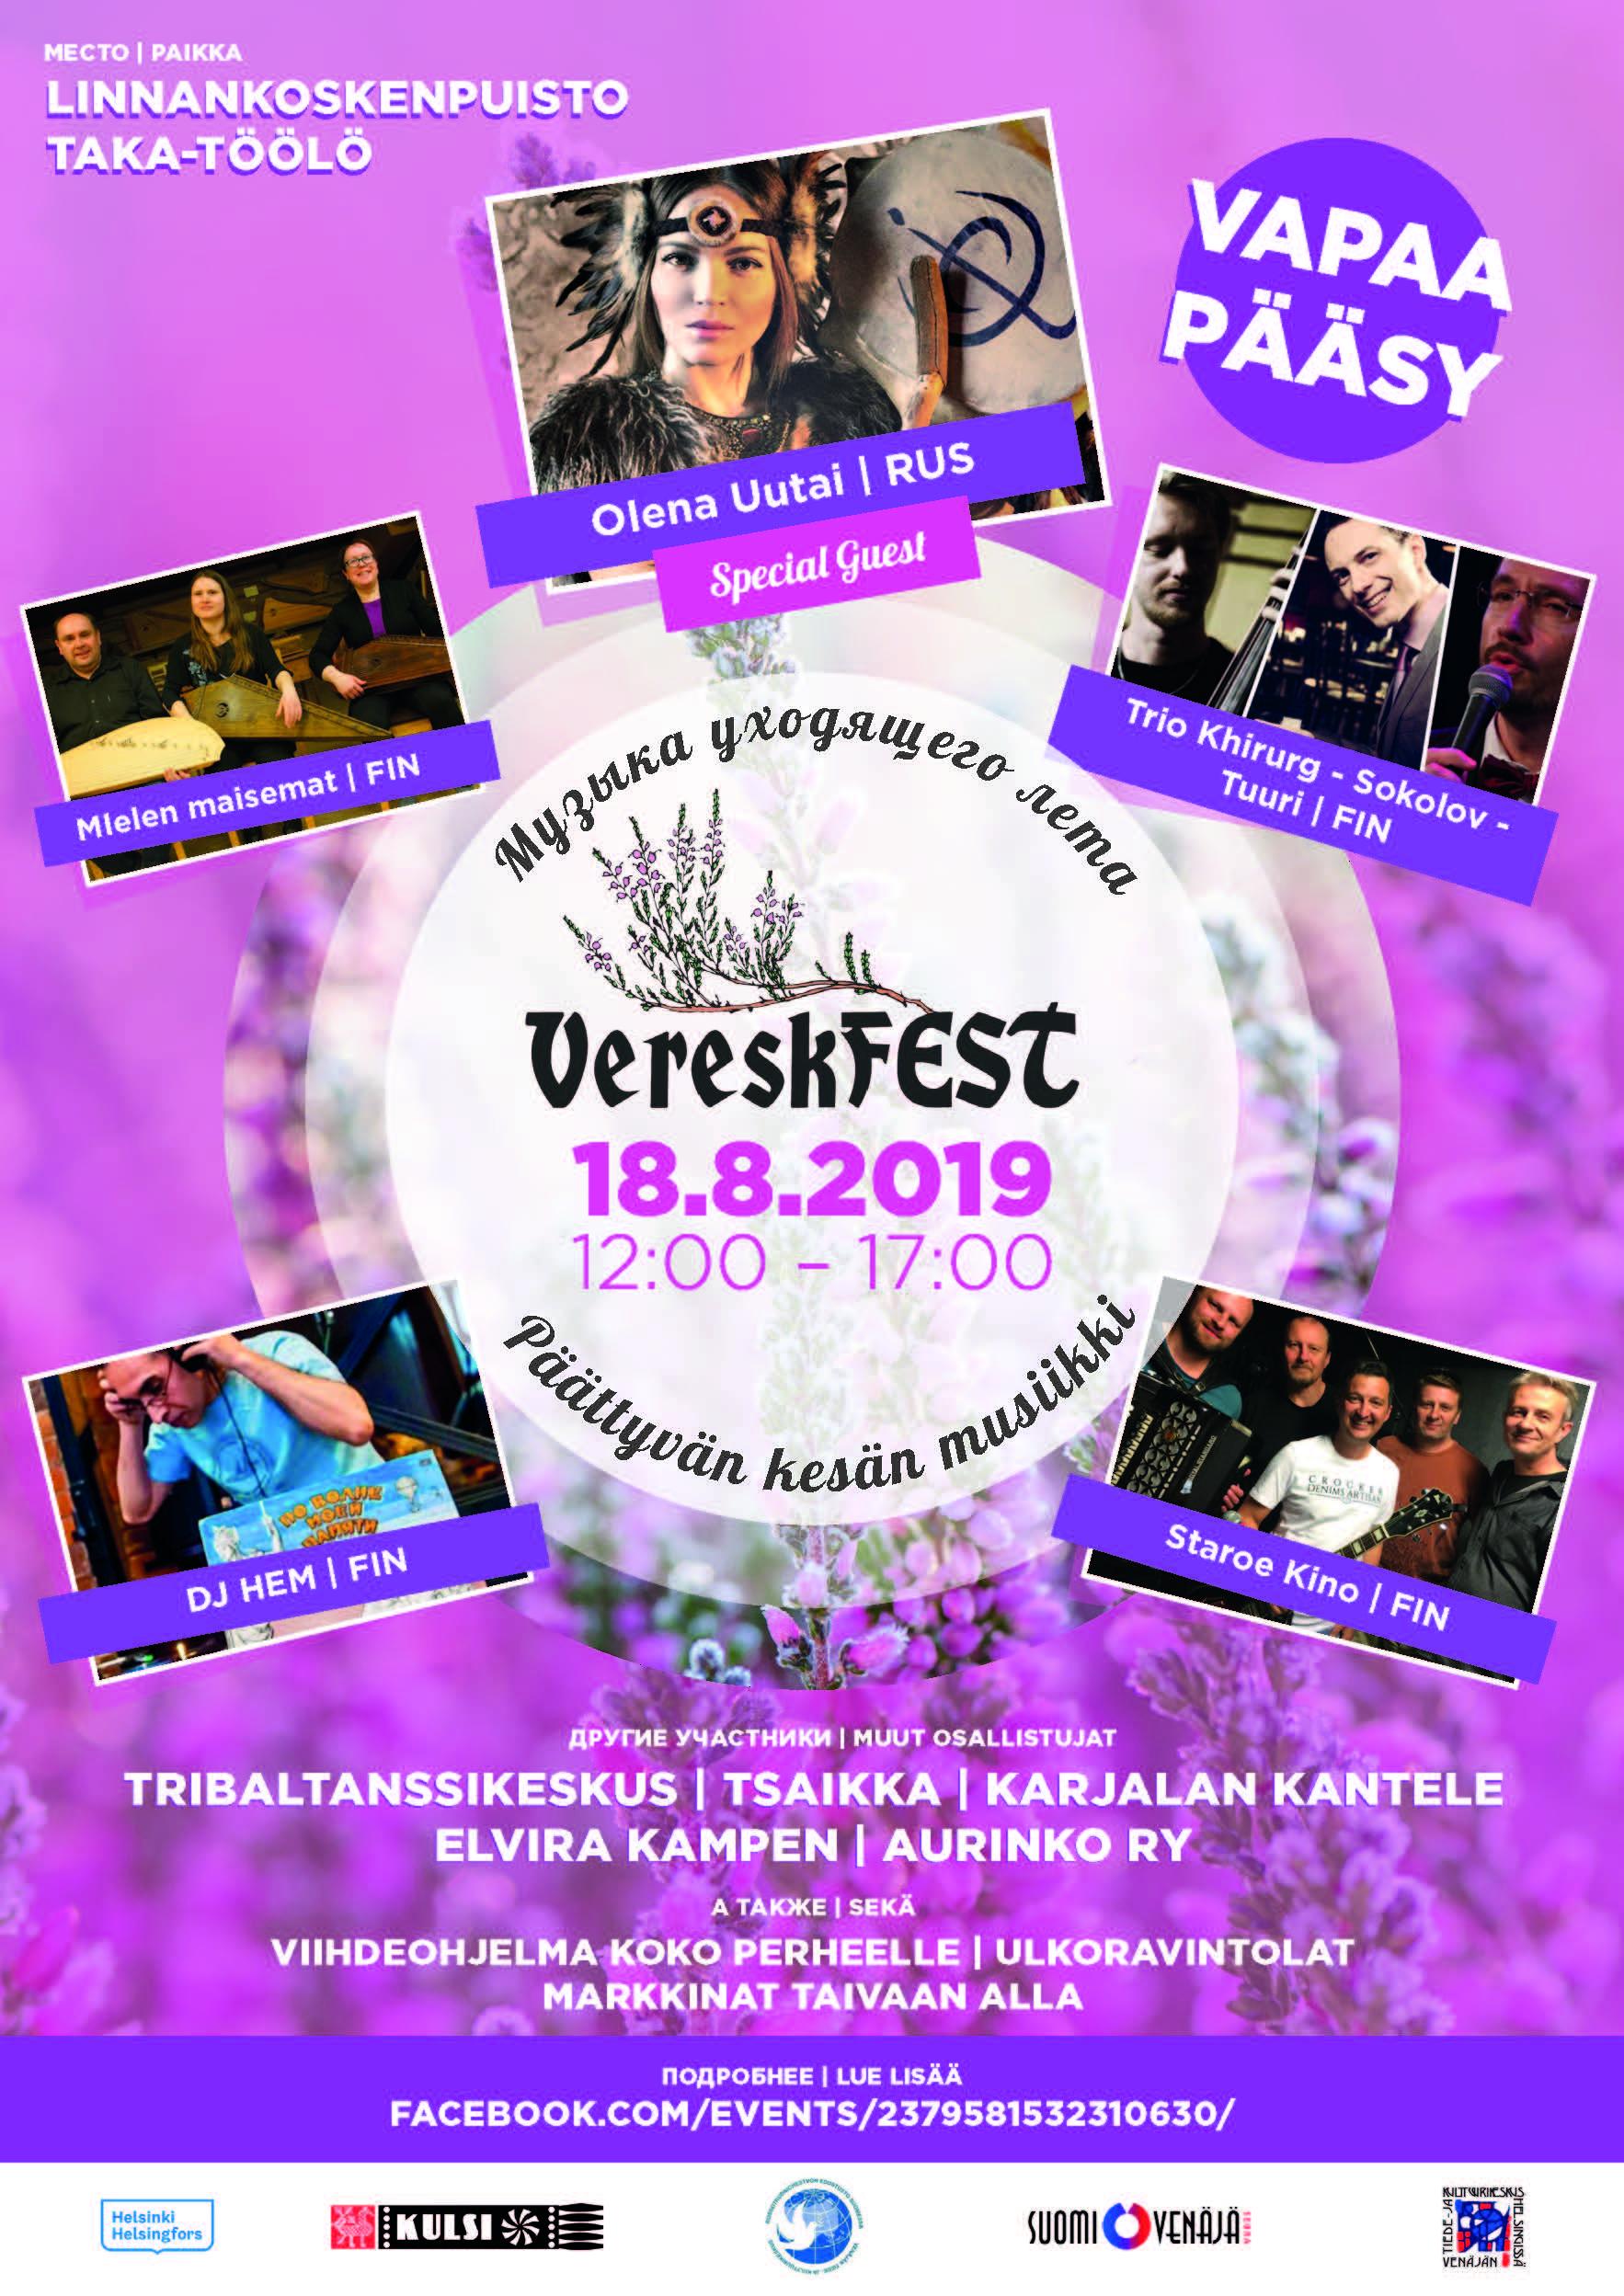 VereskFEST järjestetään 18.8.2019 Helsingissä Linnankosken puistossa.